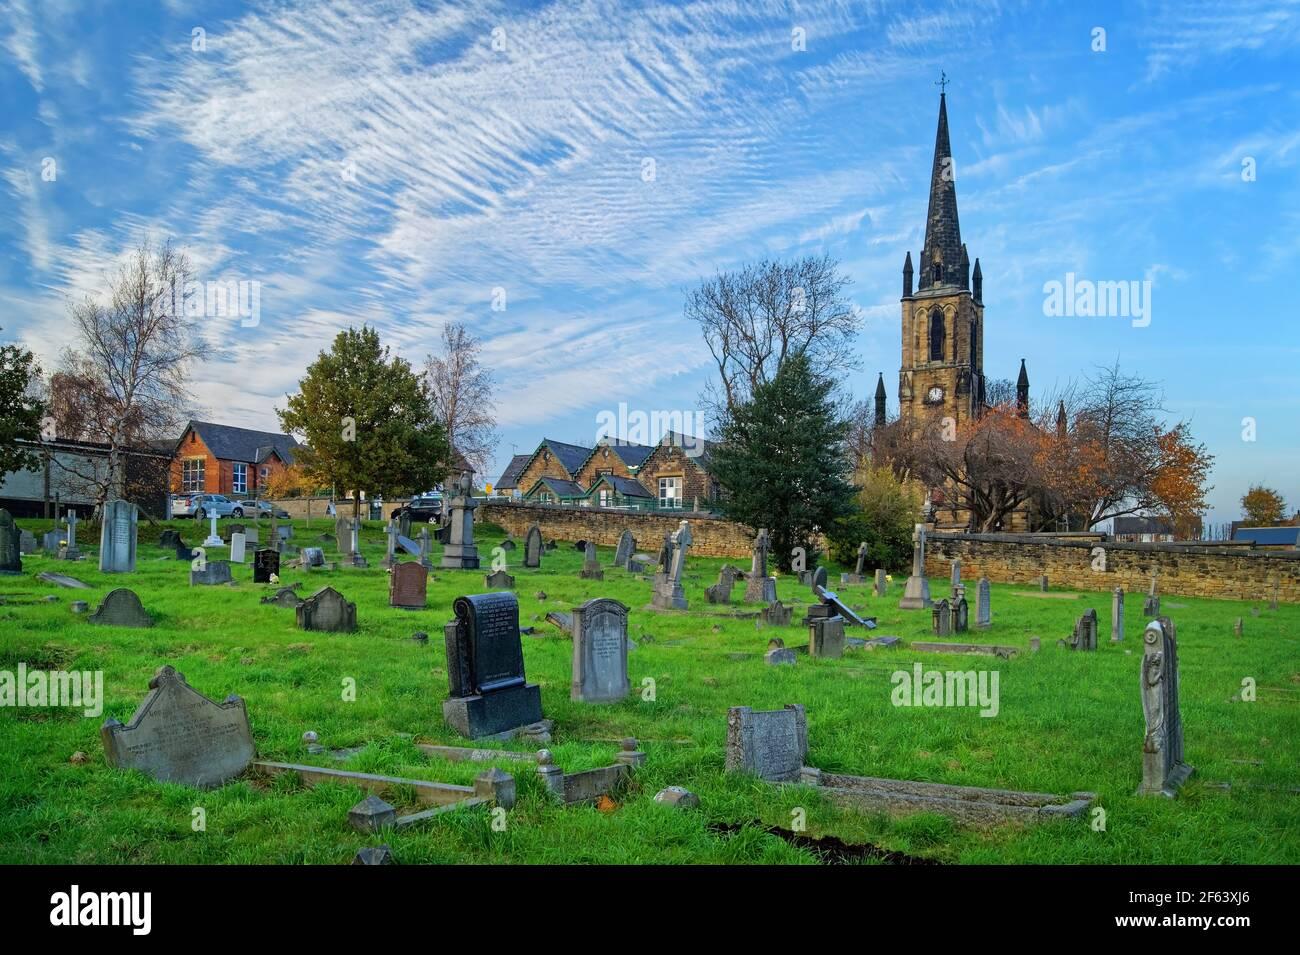 Royaume-Uni, Yorkshire du Sud, Elsecar, Église paroissiale de la Sainte Trinité en automne Banque D'Images